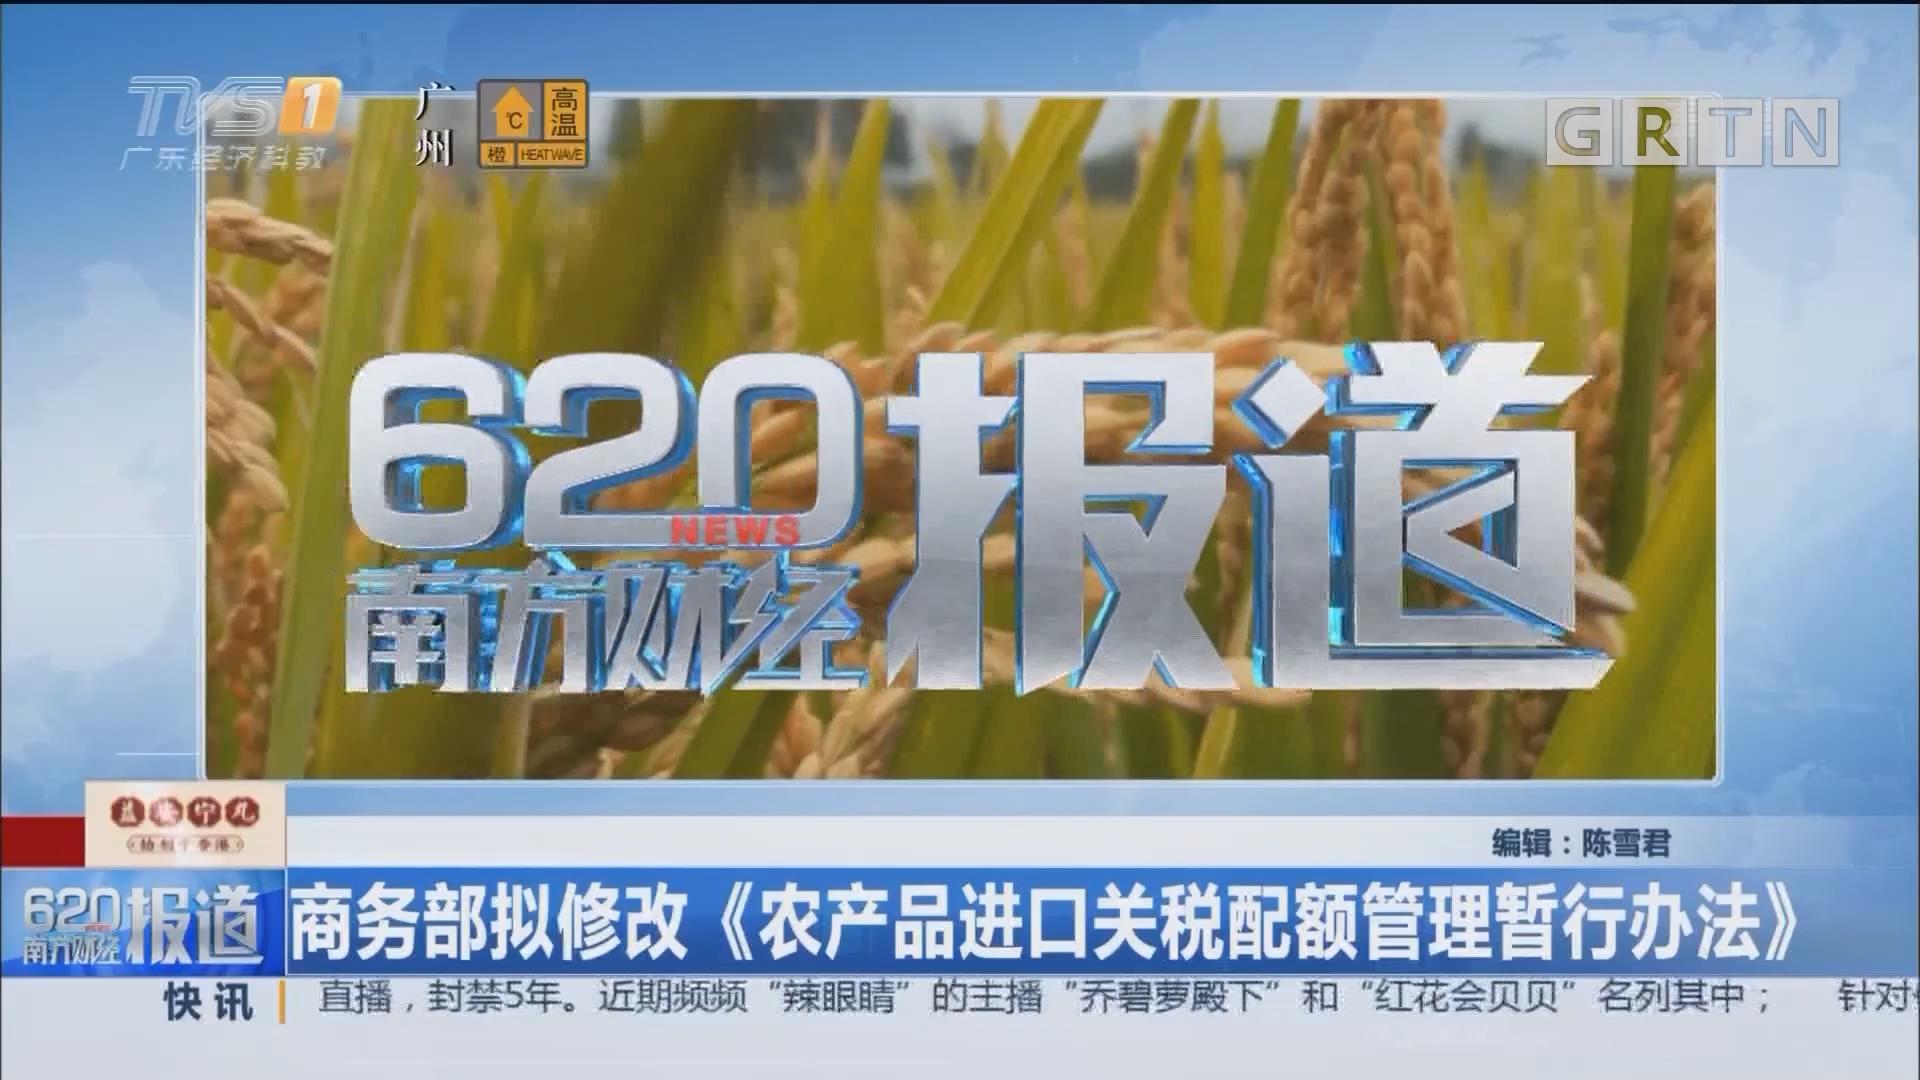 商务部拟修改《农产品进口关税配额管理暂行办法》